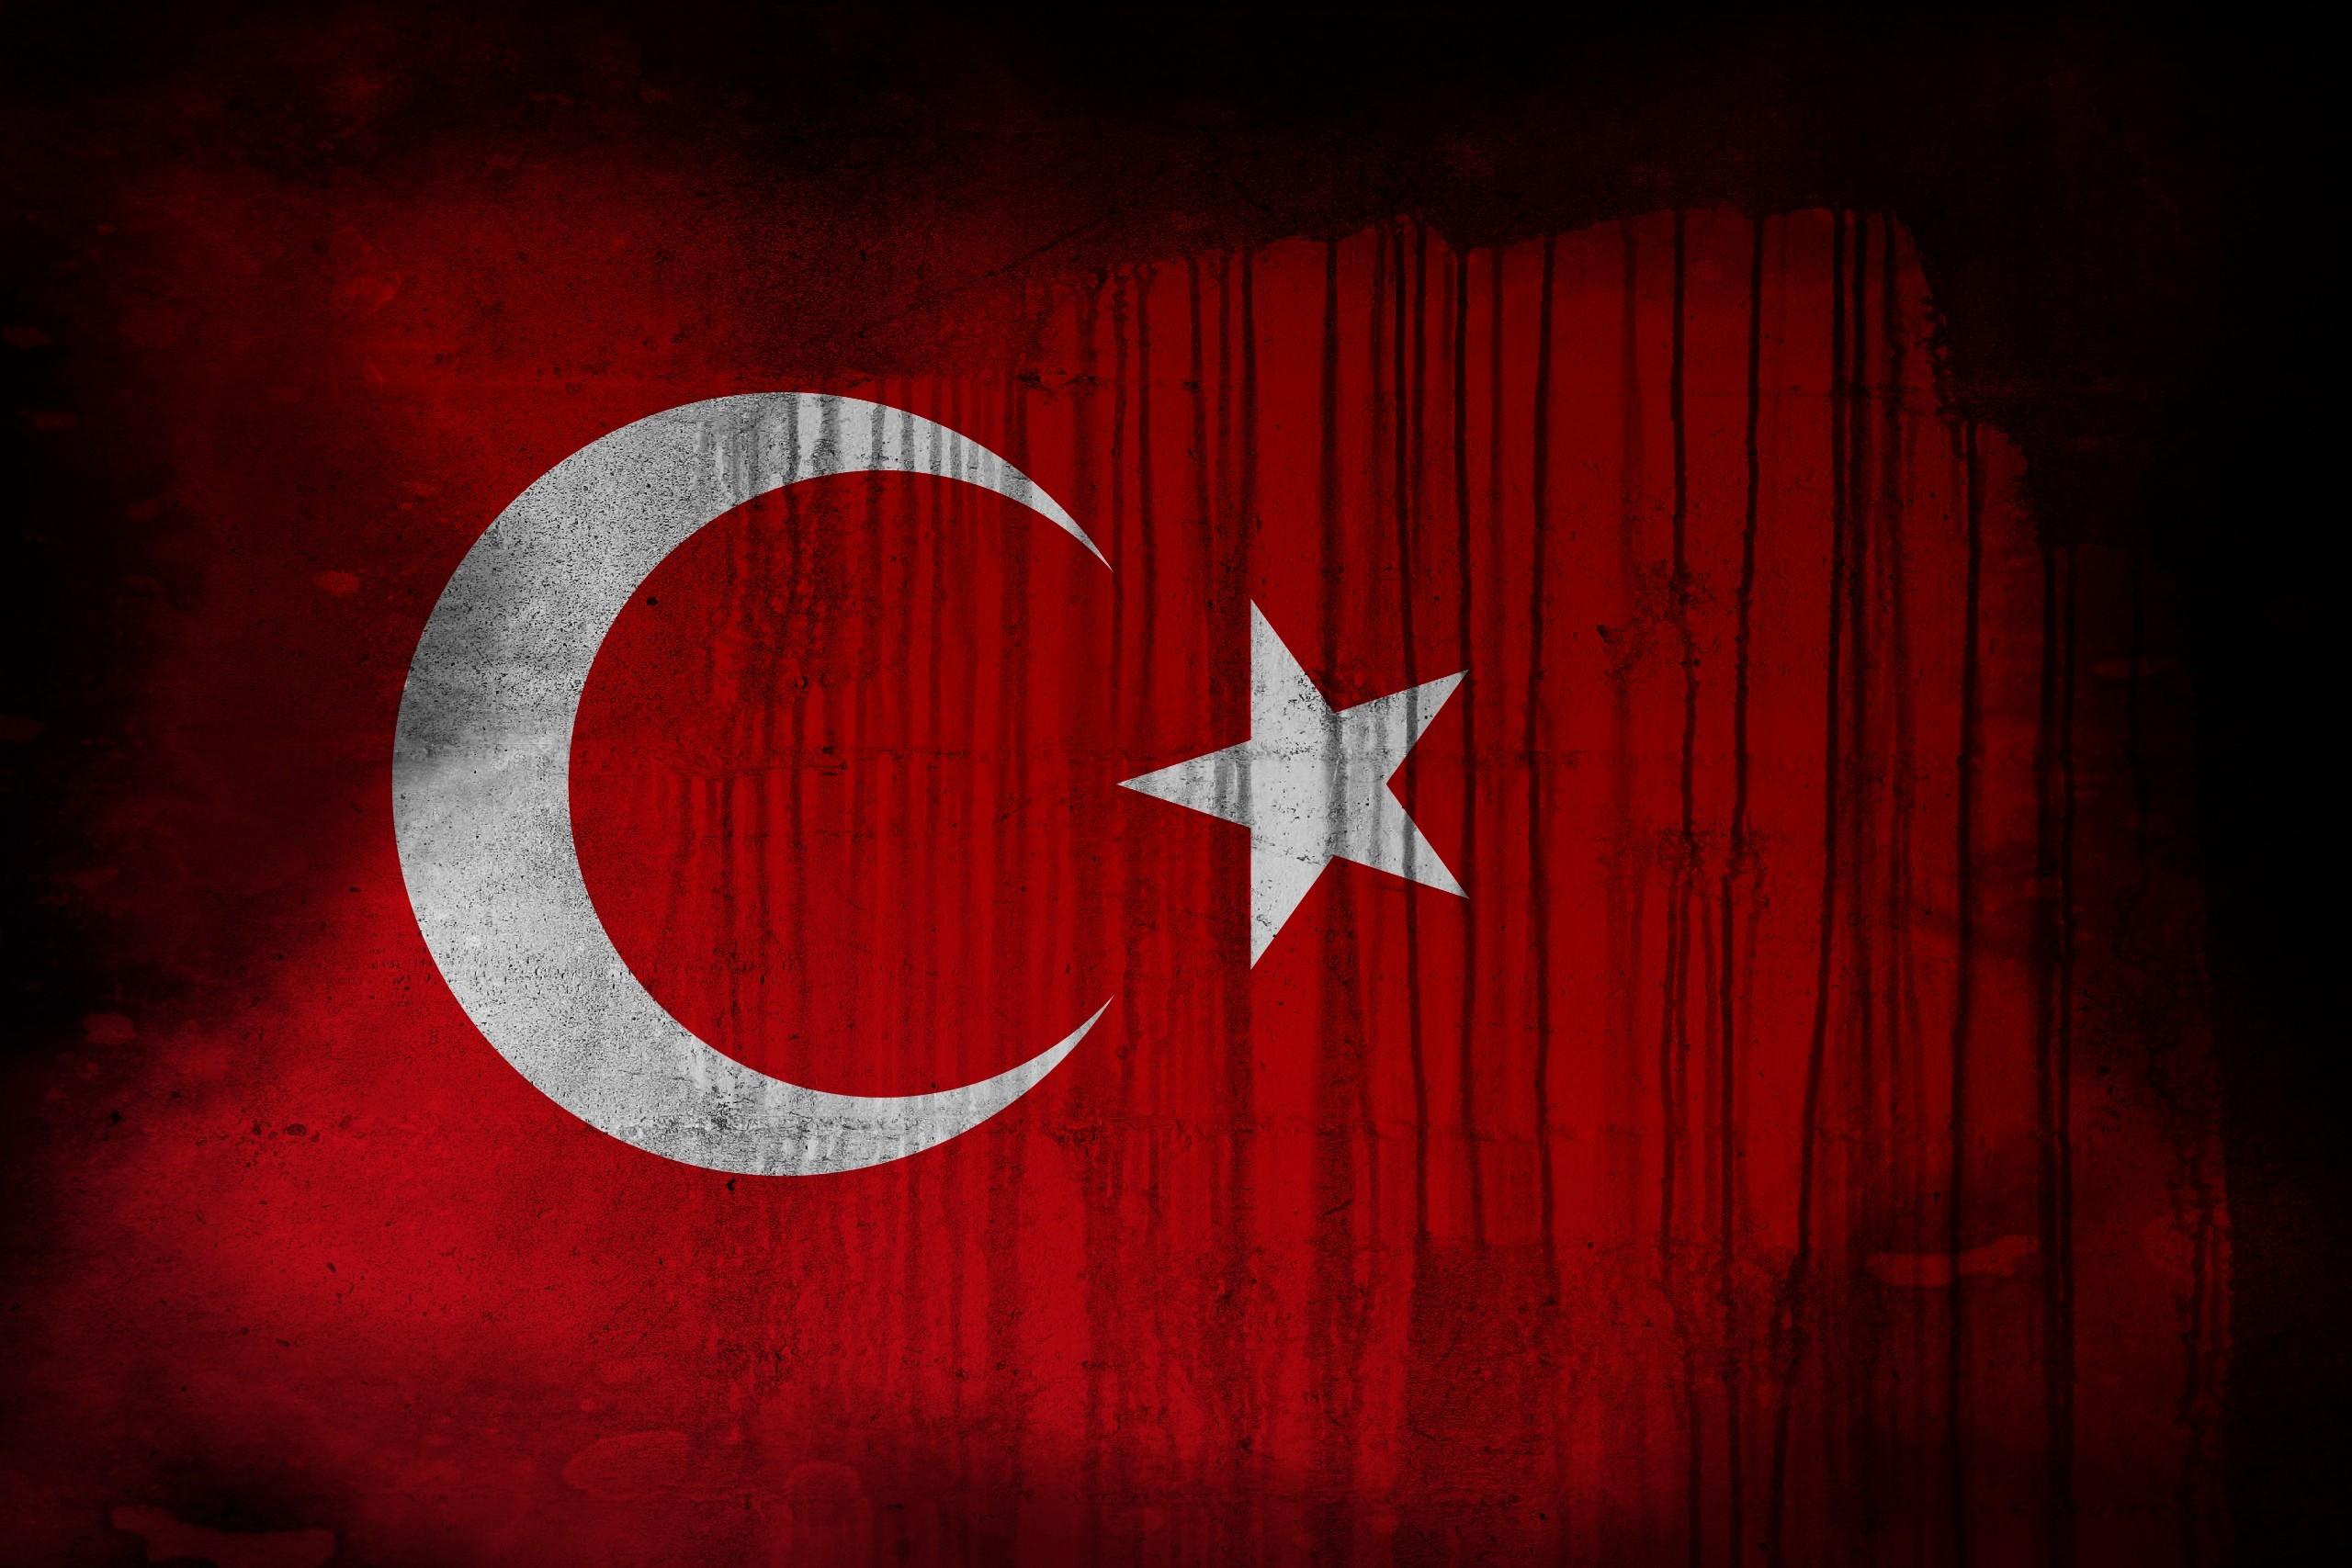 Turkey Wallpaper Desktop 52 Pictures